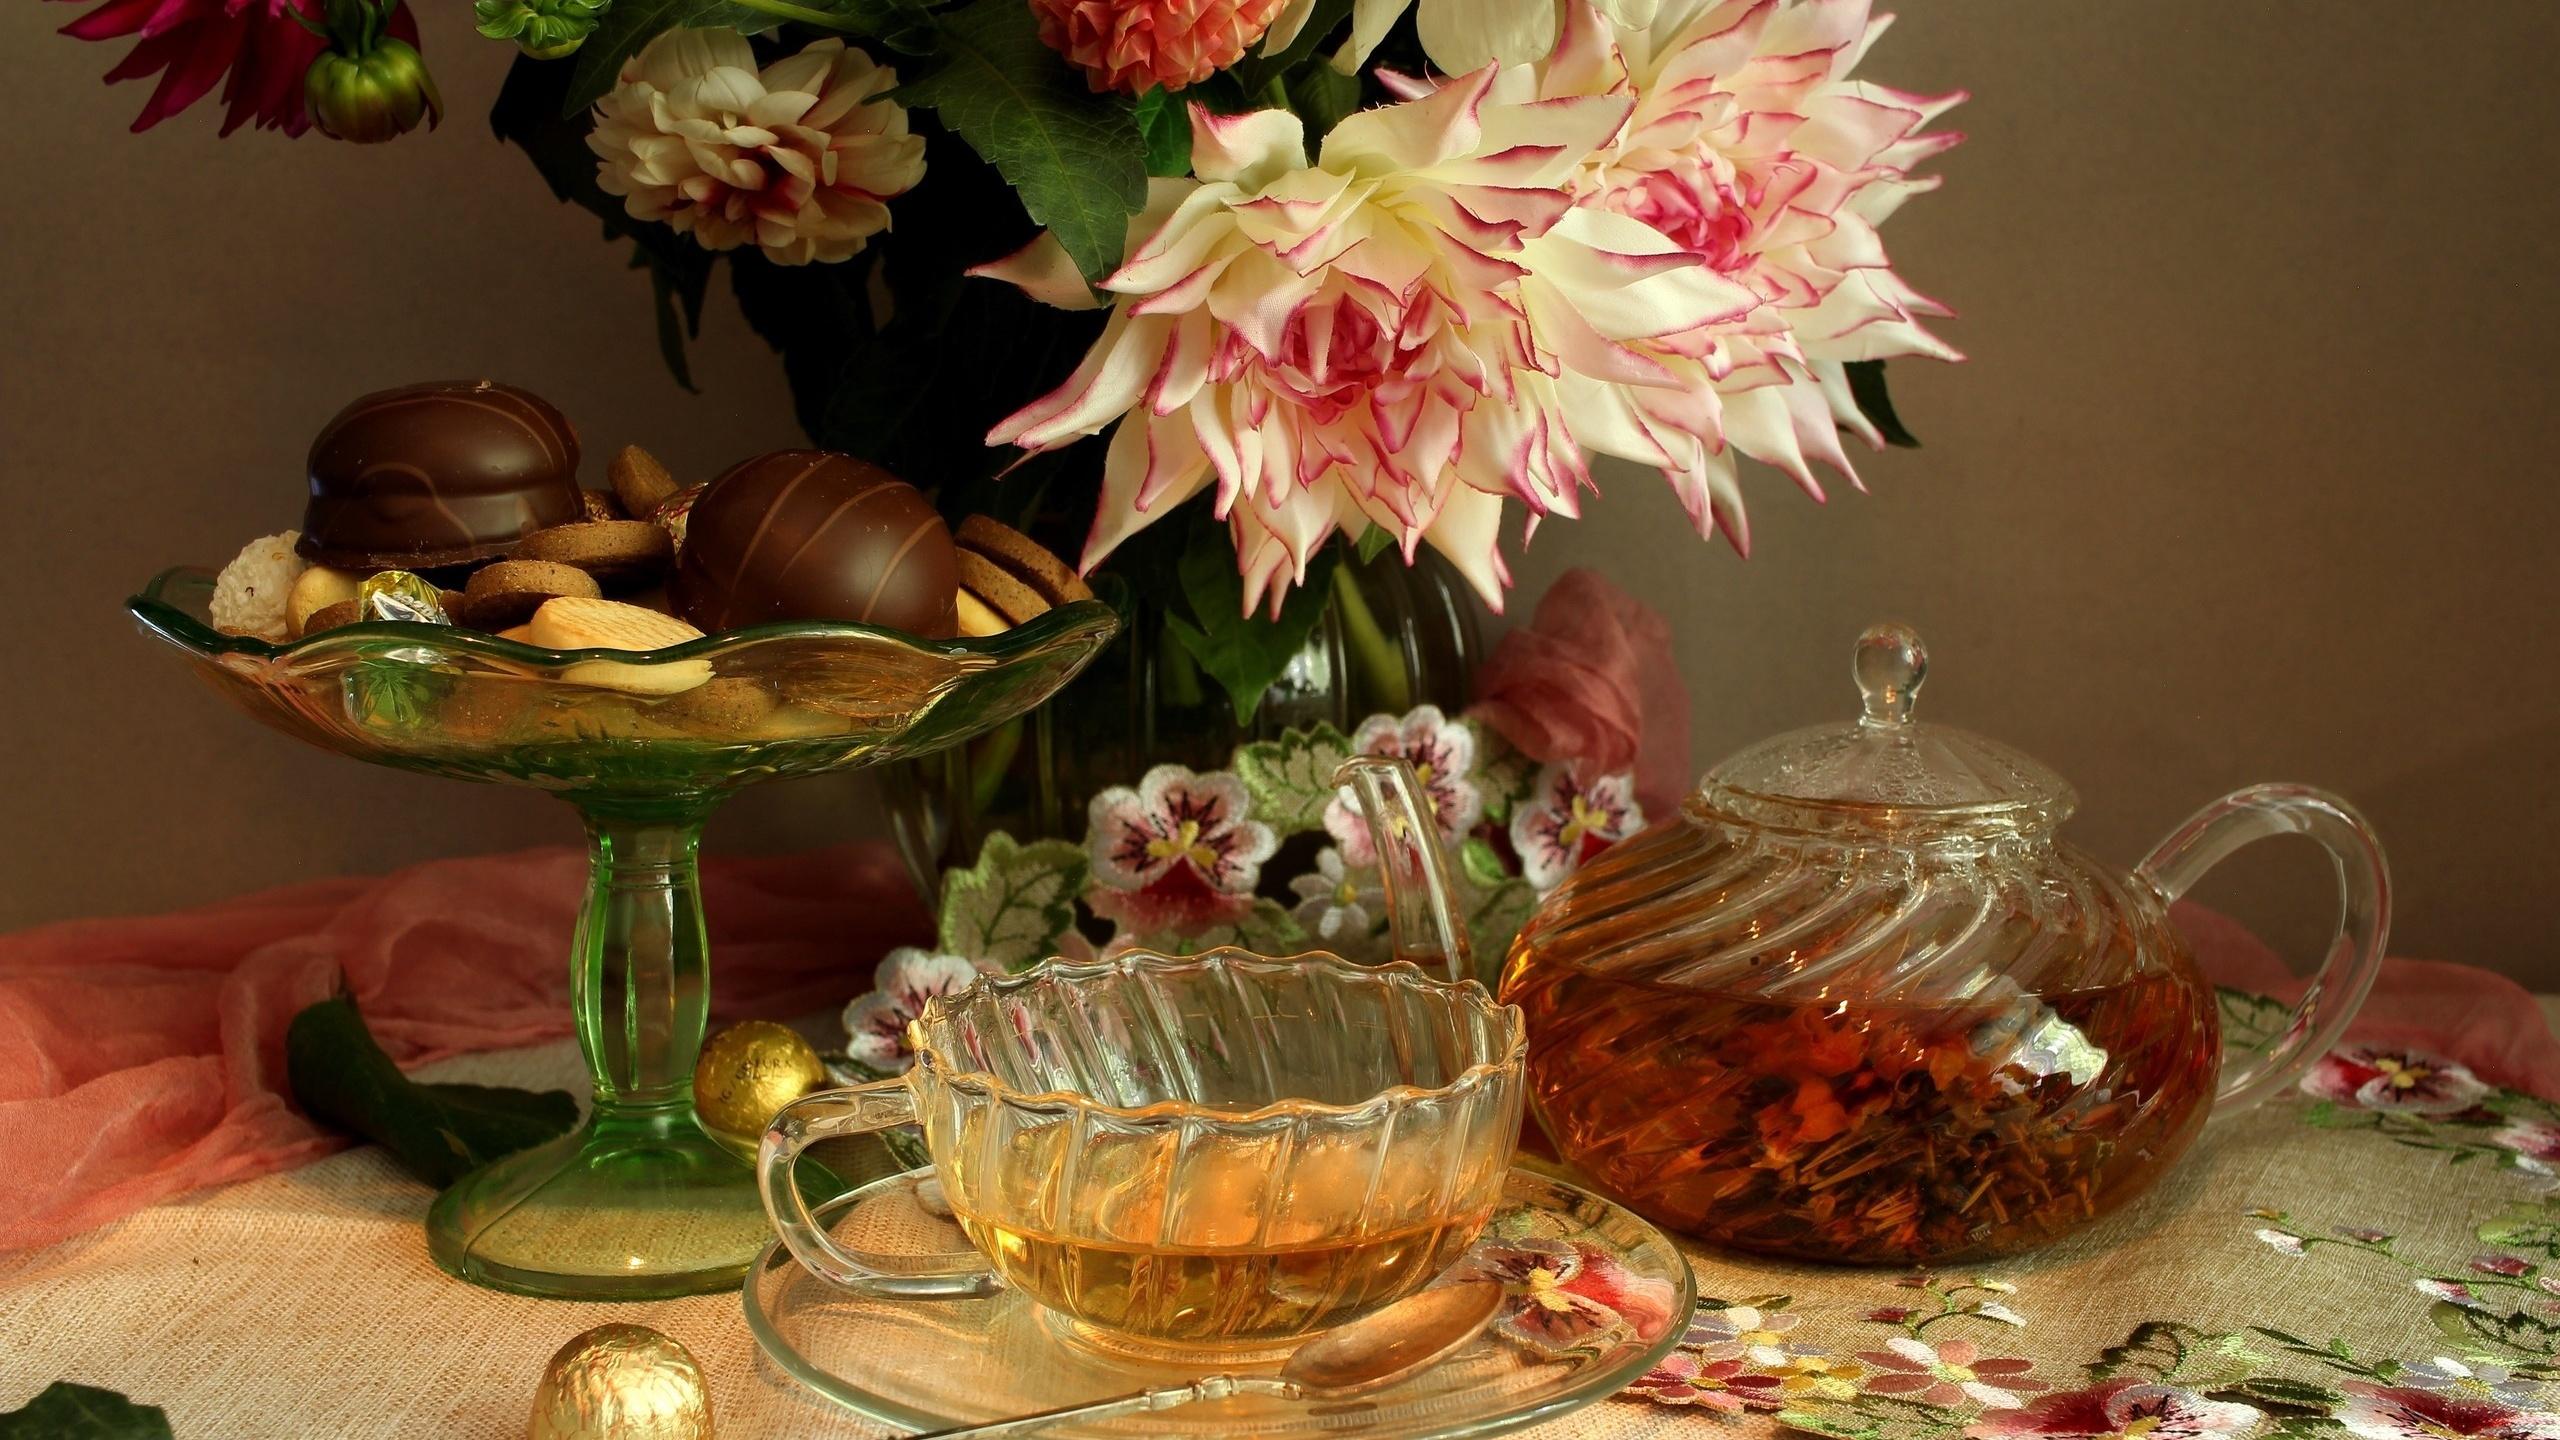 длительных красивые фото чайных натюрмортов коршиков активен